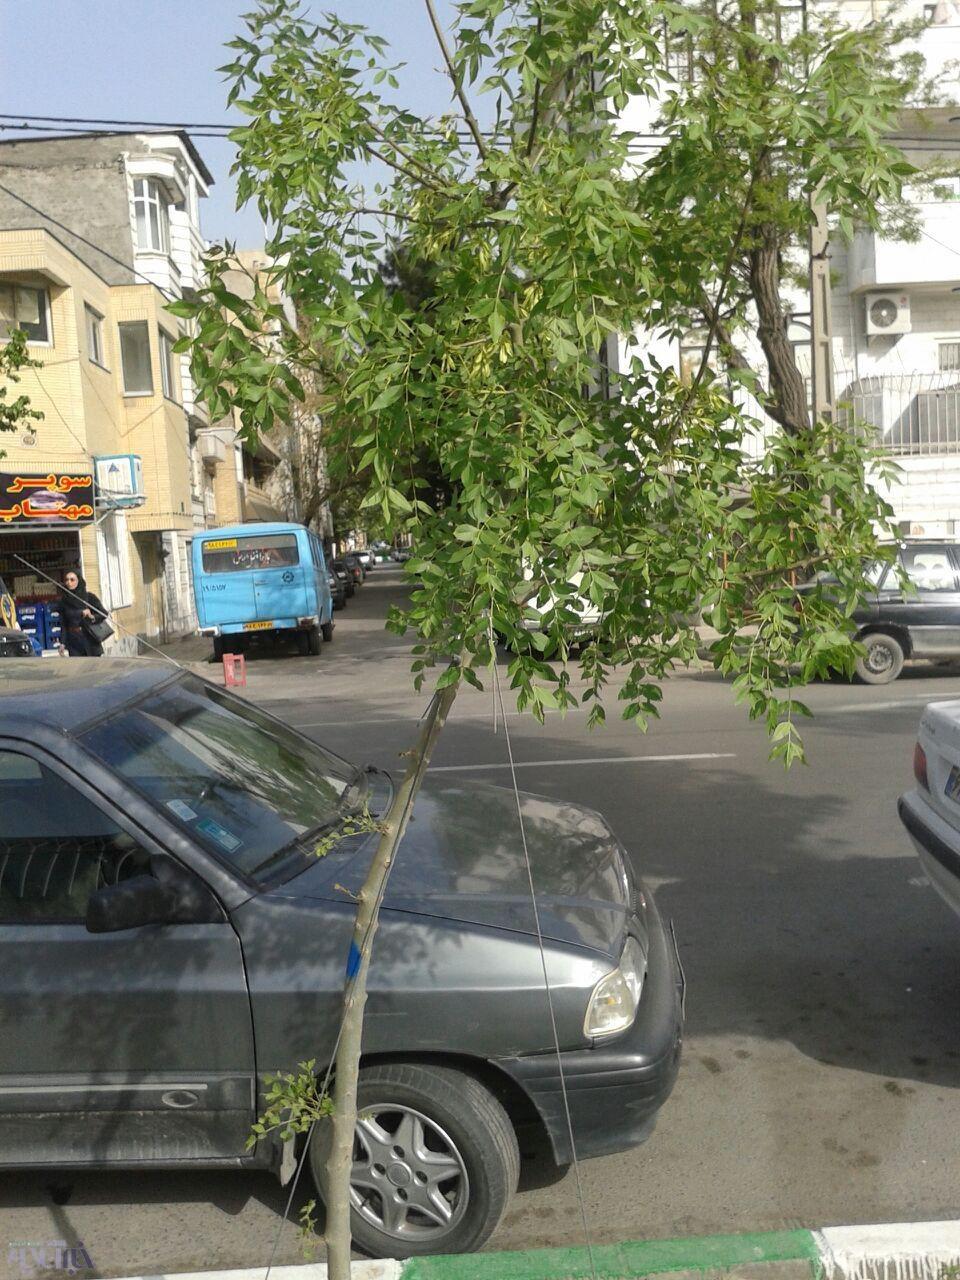 اعتراض به بستن درختان با مفتول آهنی/ مگر از ابتدای خلقت، درختان را با سیم بکسل بسته بودند؟